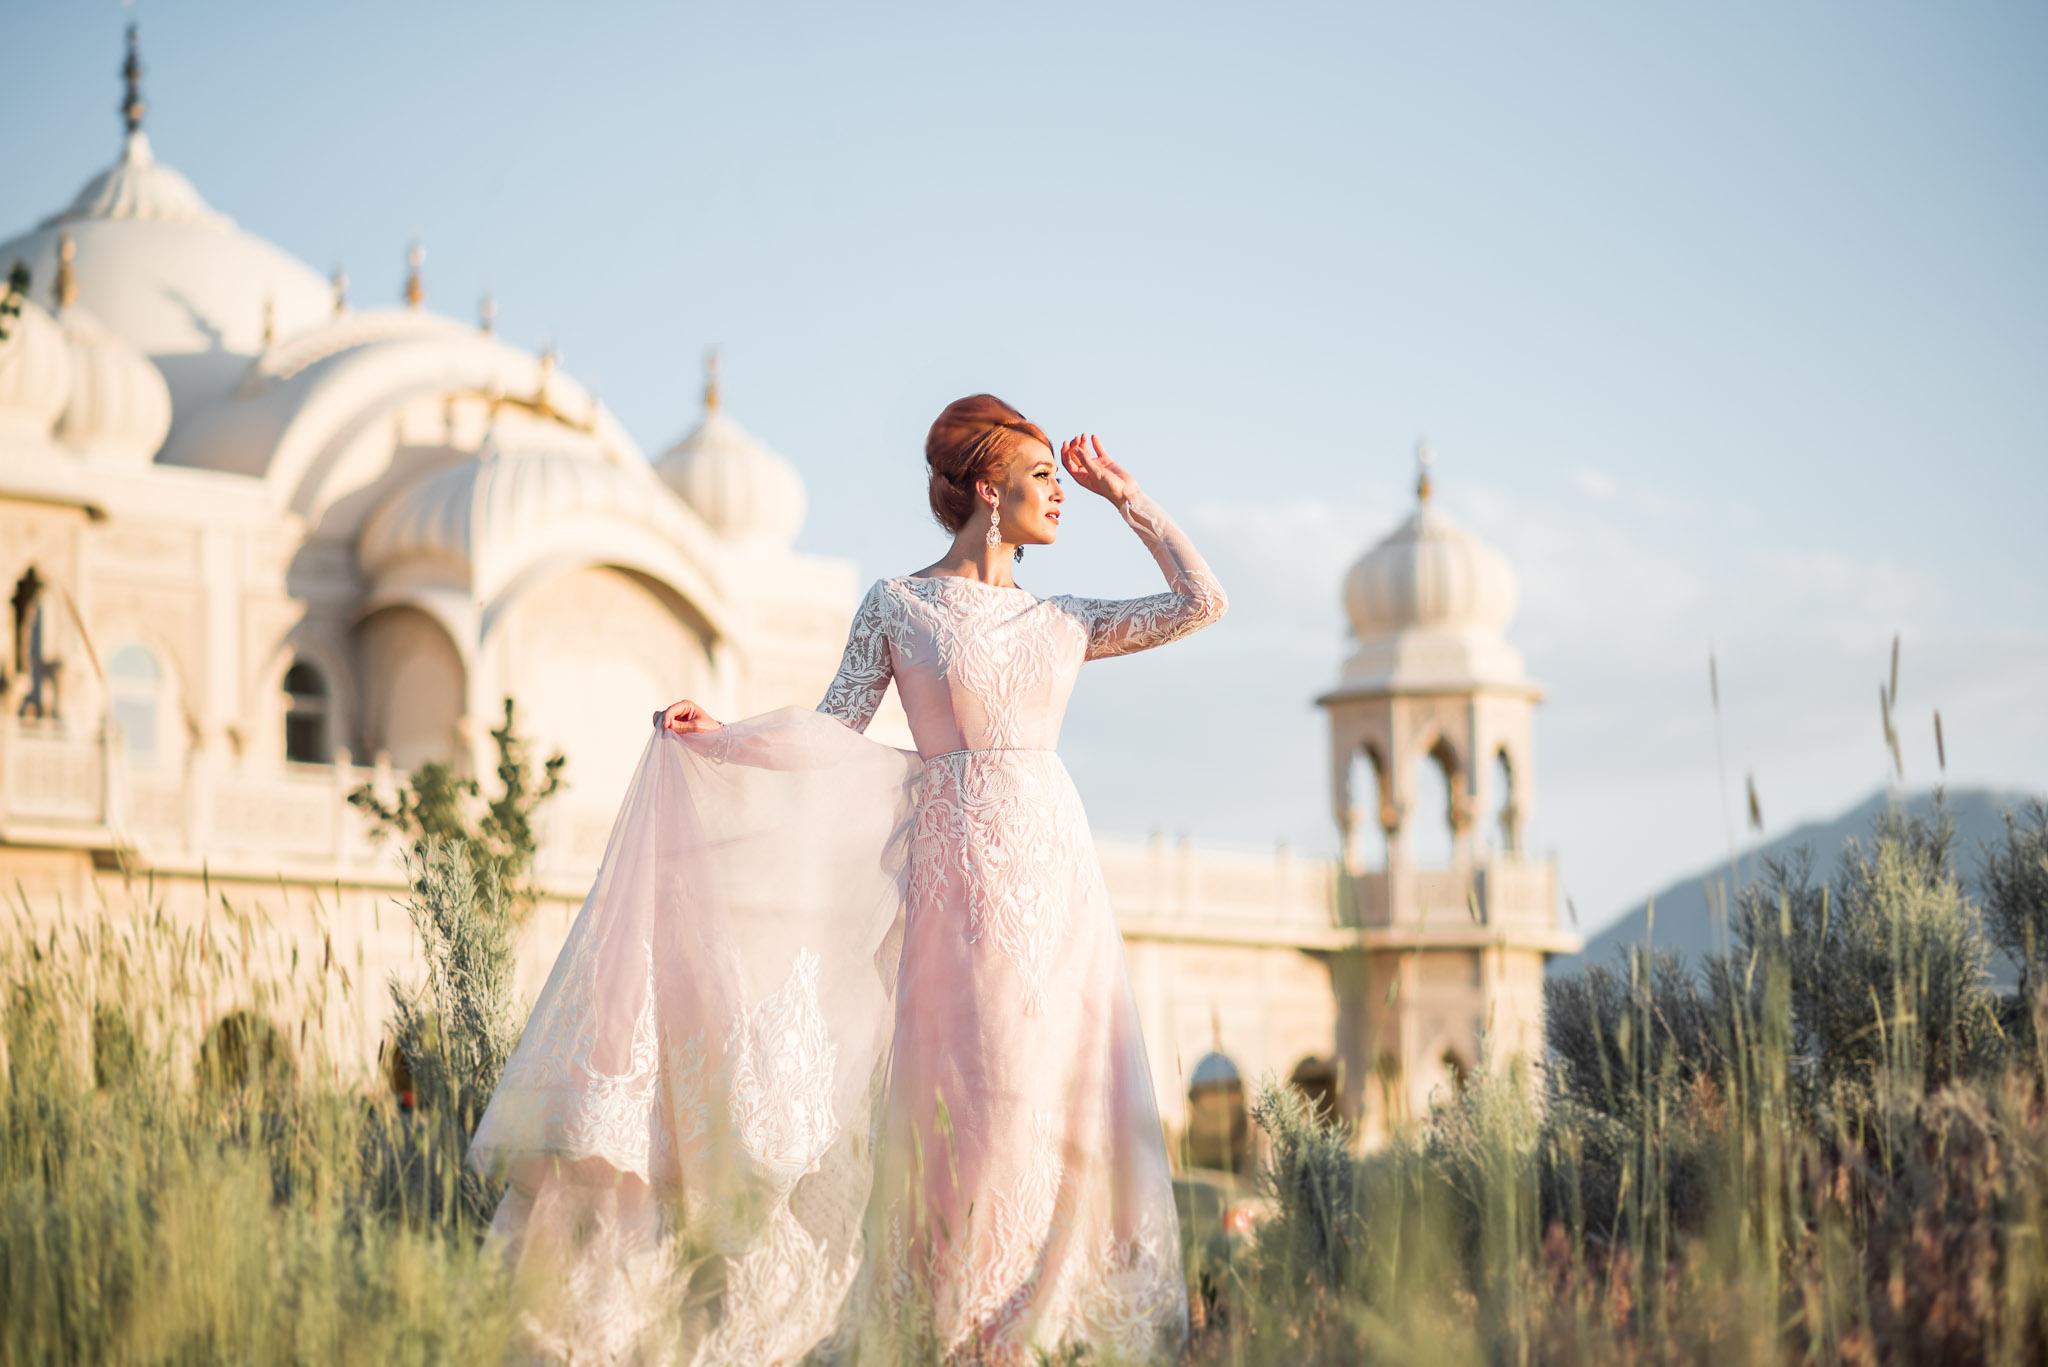 Krishna bridals-73.jpg